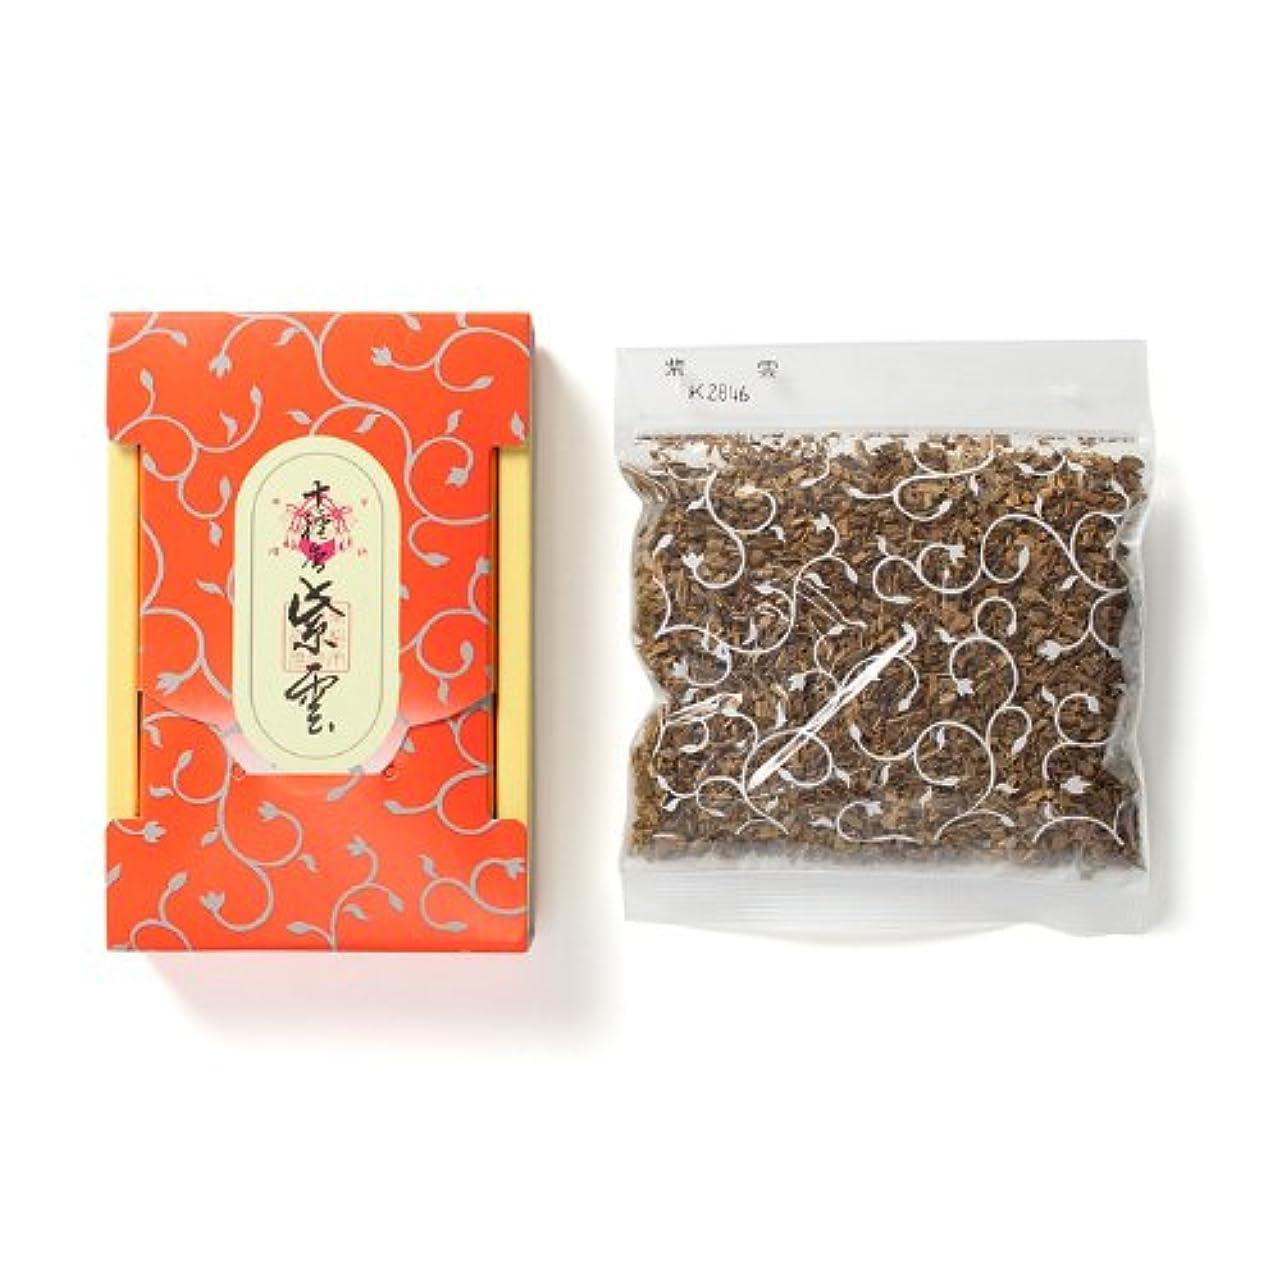 魔術チート博物館松栄堂のお焼香 十種香 紫雲 25g詰 小箱入 #410941